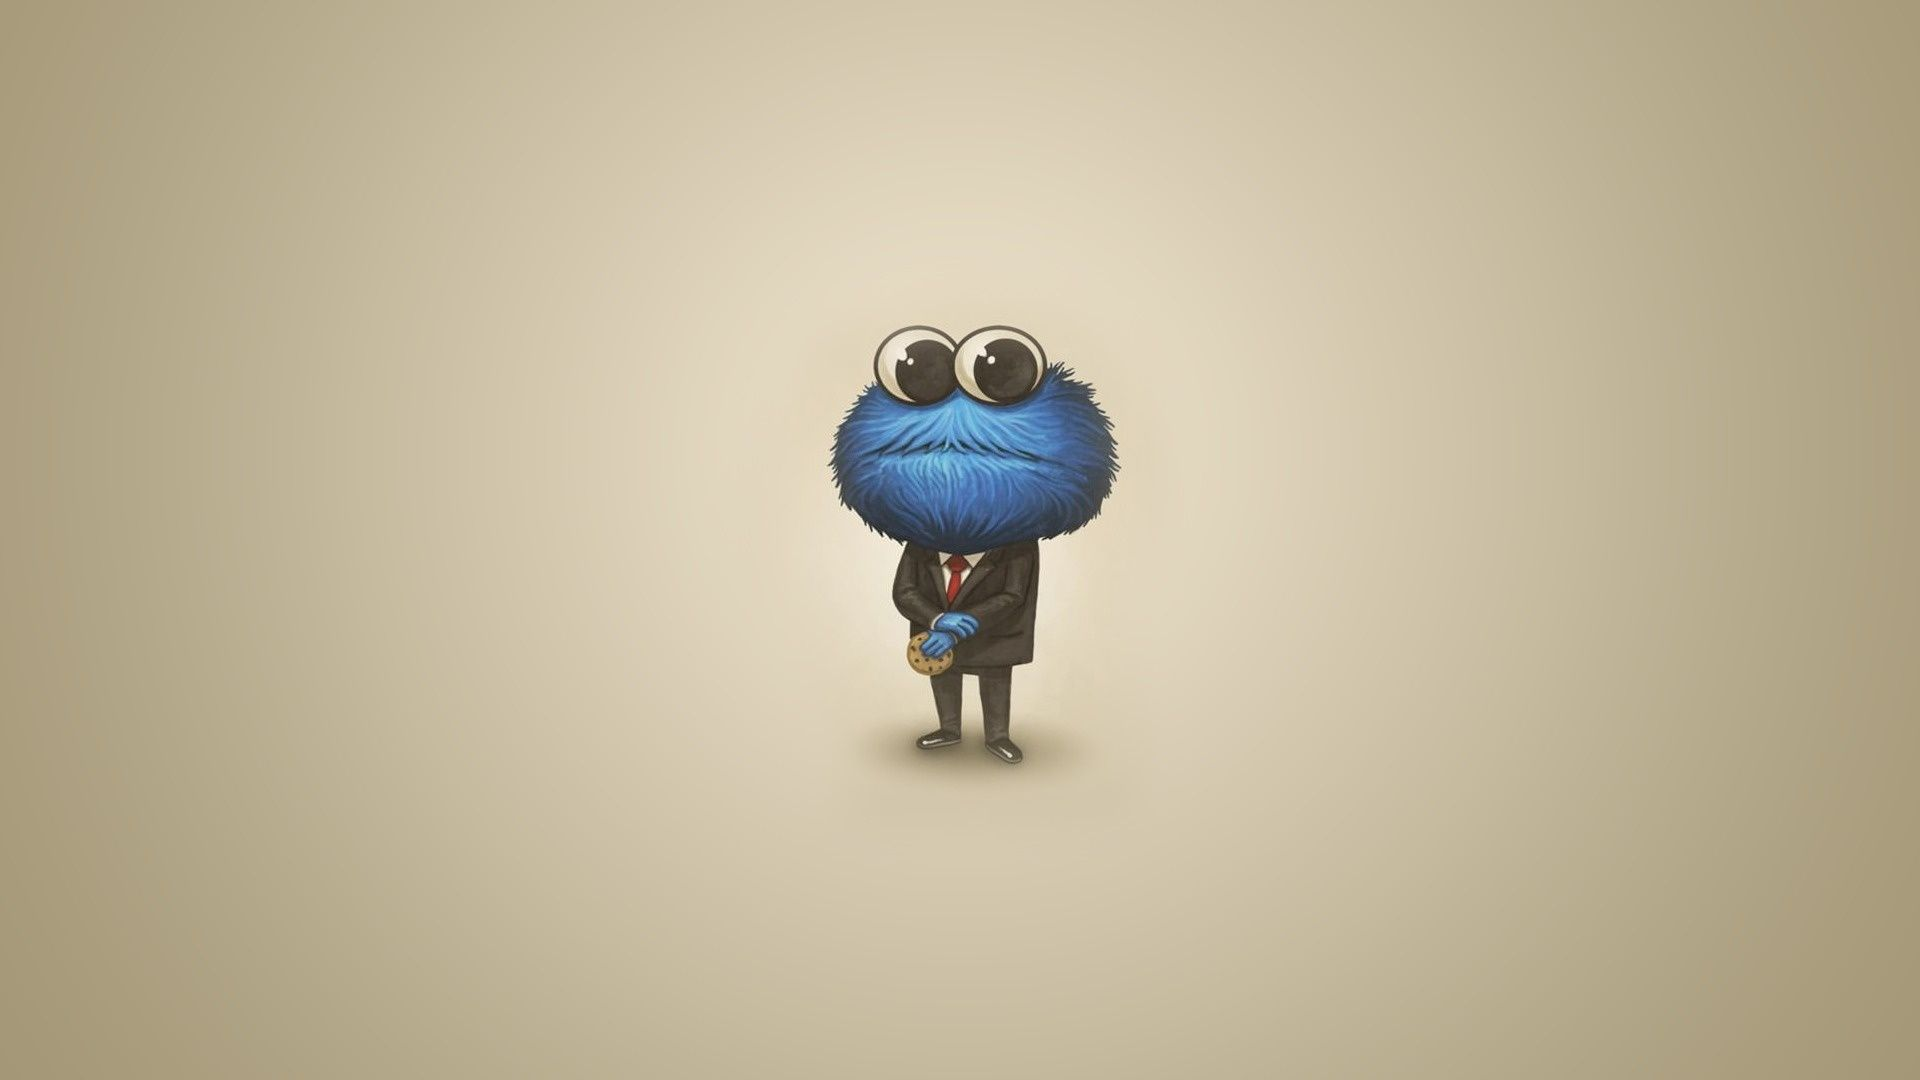 かわいいクッキーモンスターの背景 クッキーモンスター壁紙hd 19x1080 Wallpapertip